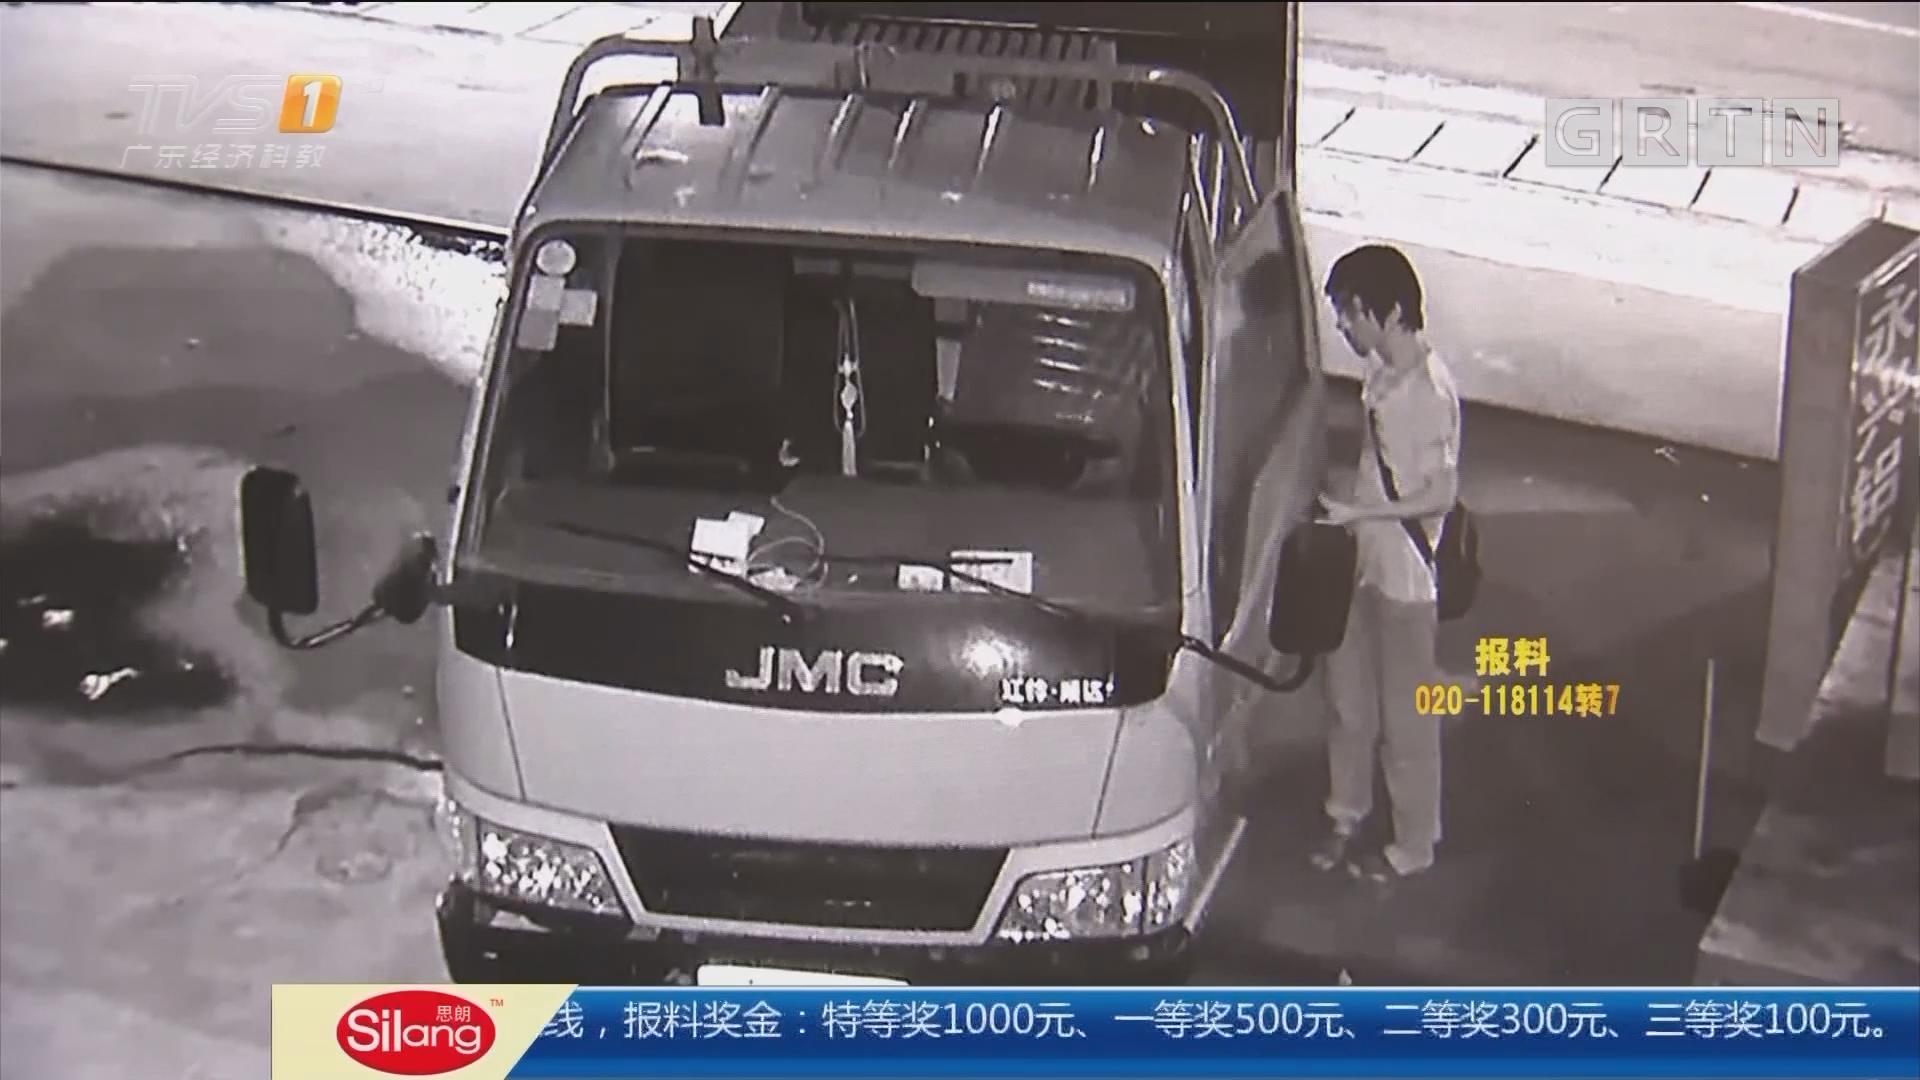 惠州惠阳:货车被盗 事主称丢失现金5600元